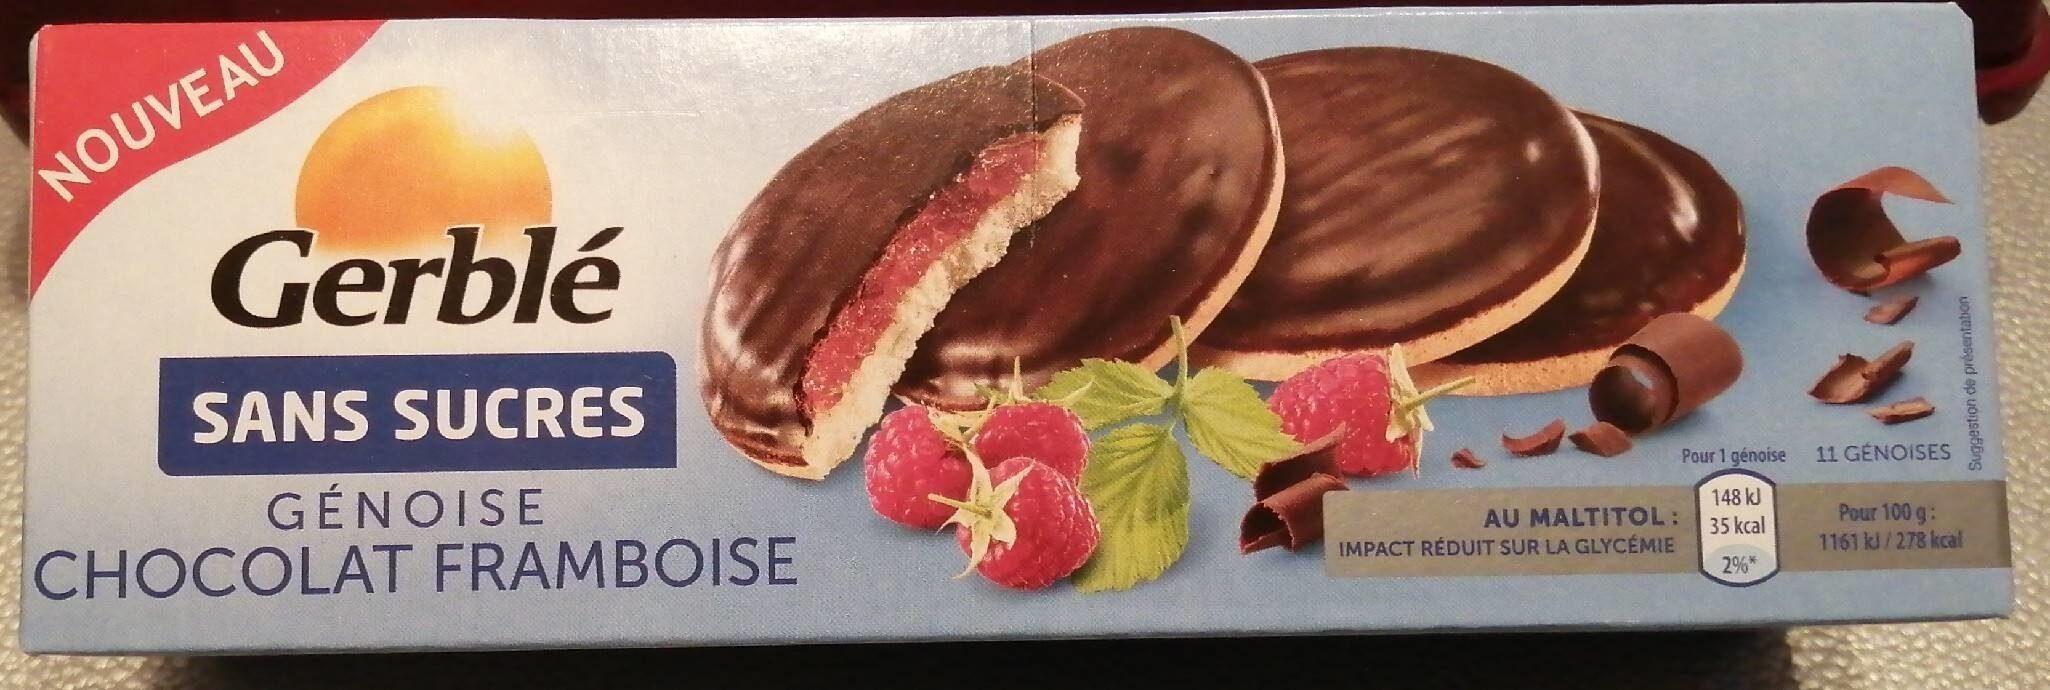 Gerblé sans sucres génoise chocolat framboise - Product - fr